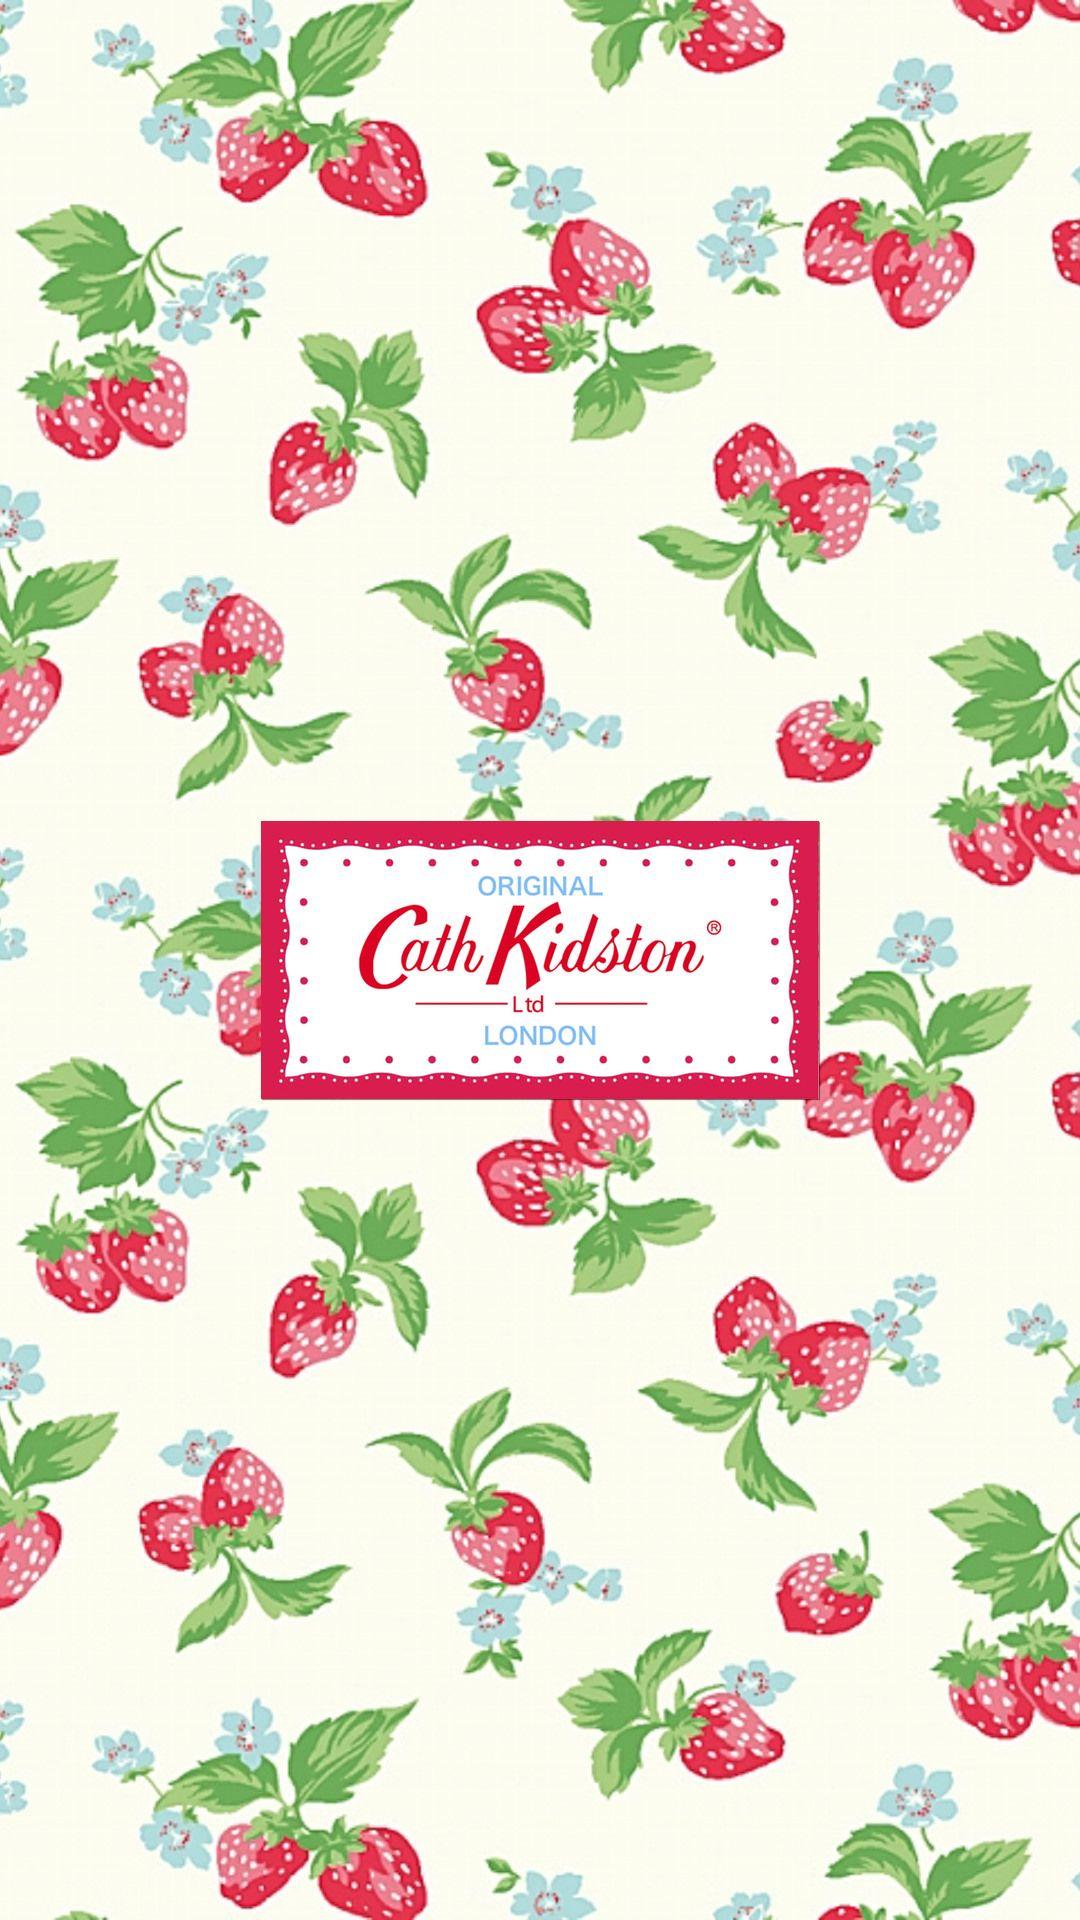 キャス キッドソン いちご デザイン 印刷 スマホ 壁紙 可愛い